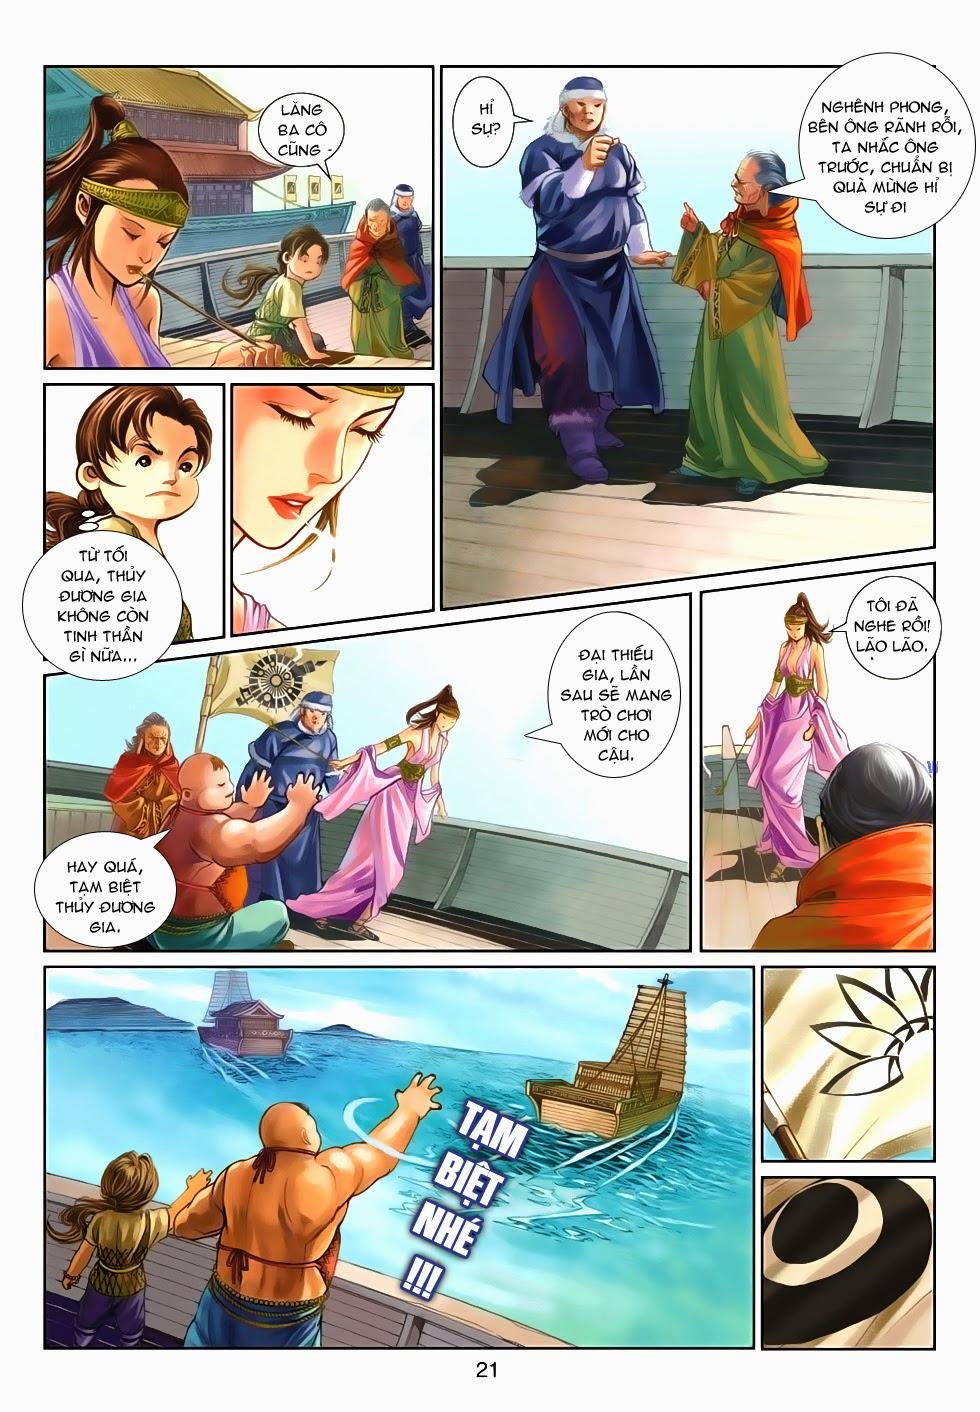 Thần Binh Tiền Truyện 4 - Huyền Thiên Tà Đế chap 9 - Trang 21